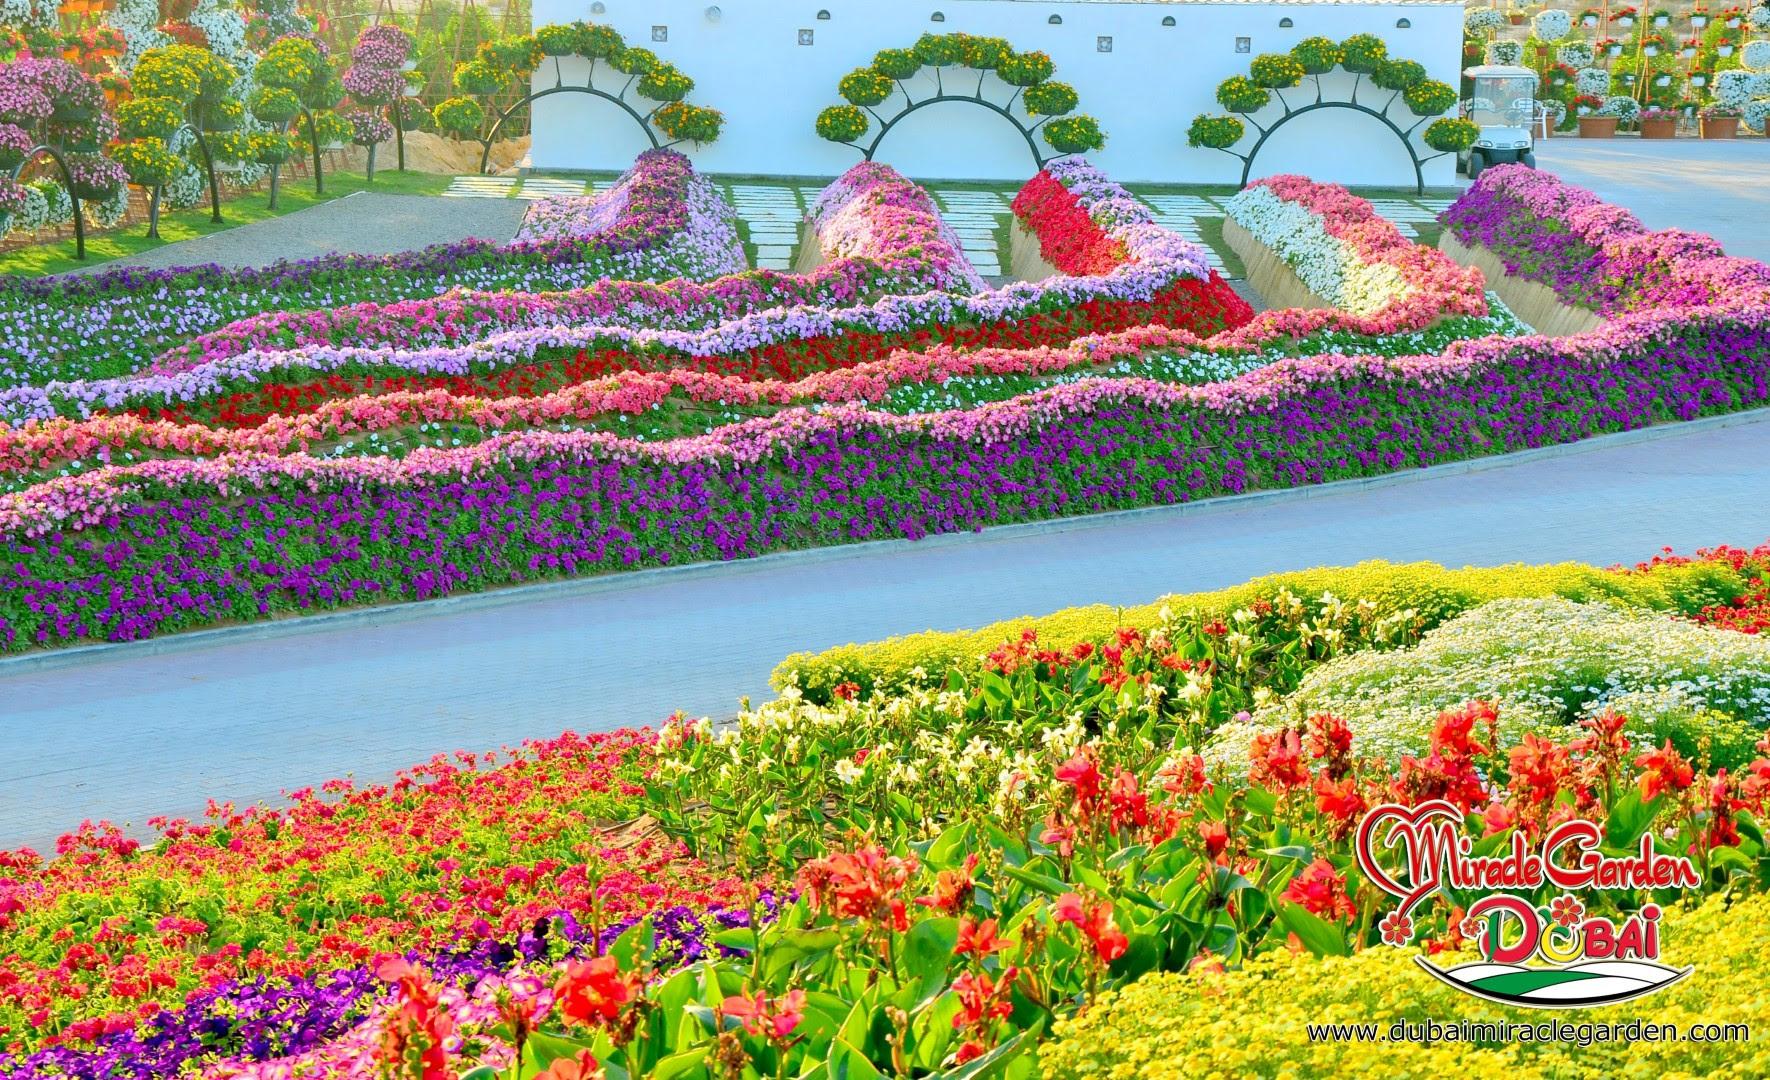 Dubai Miracle Garden 05